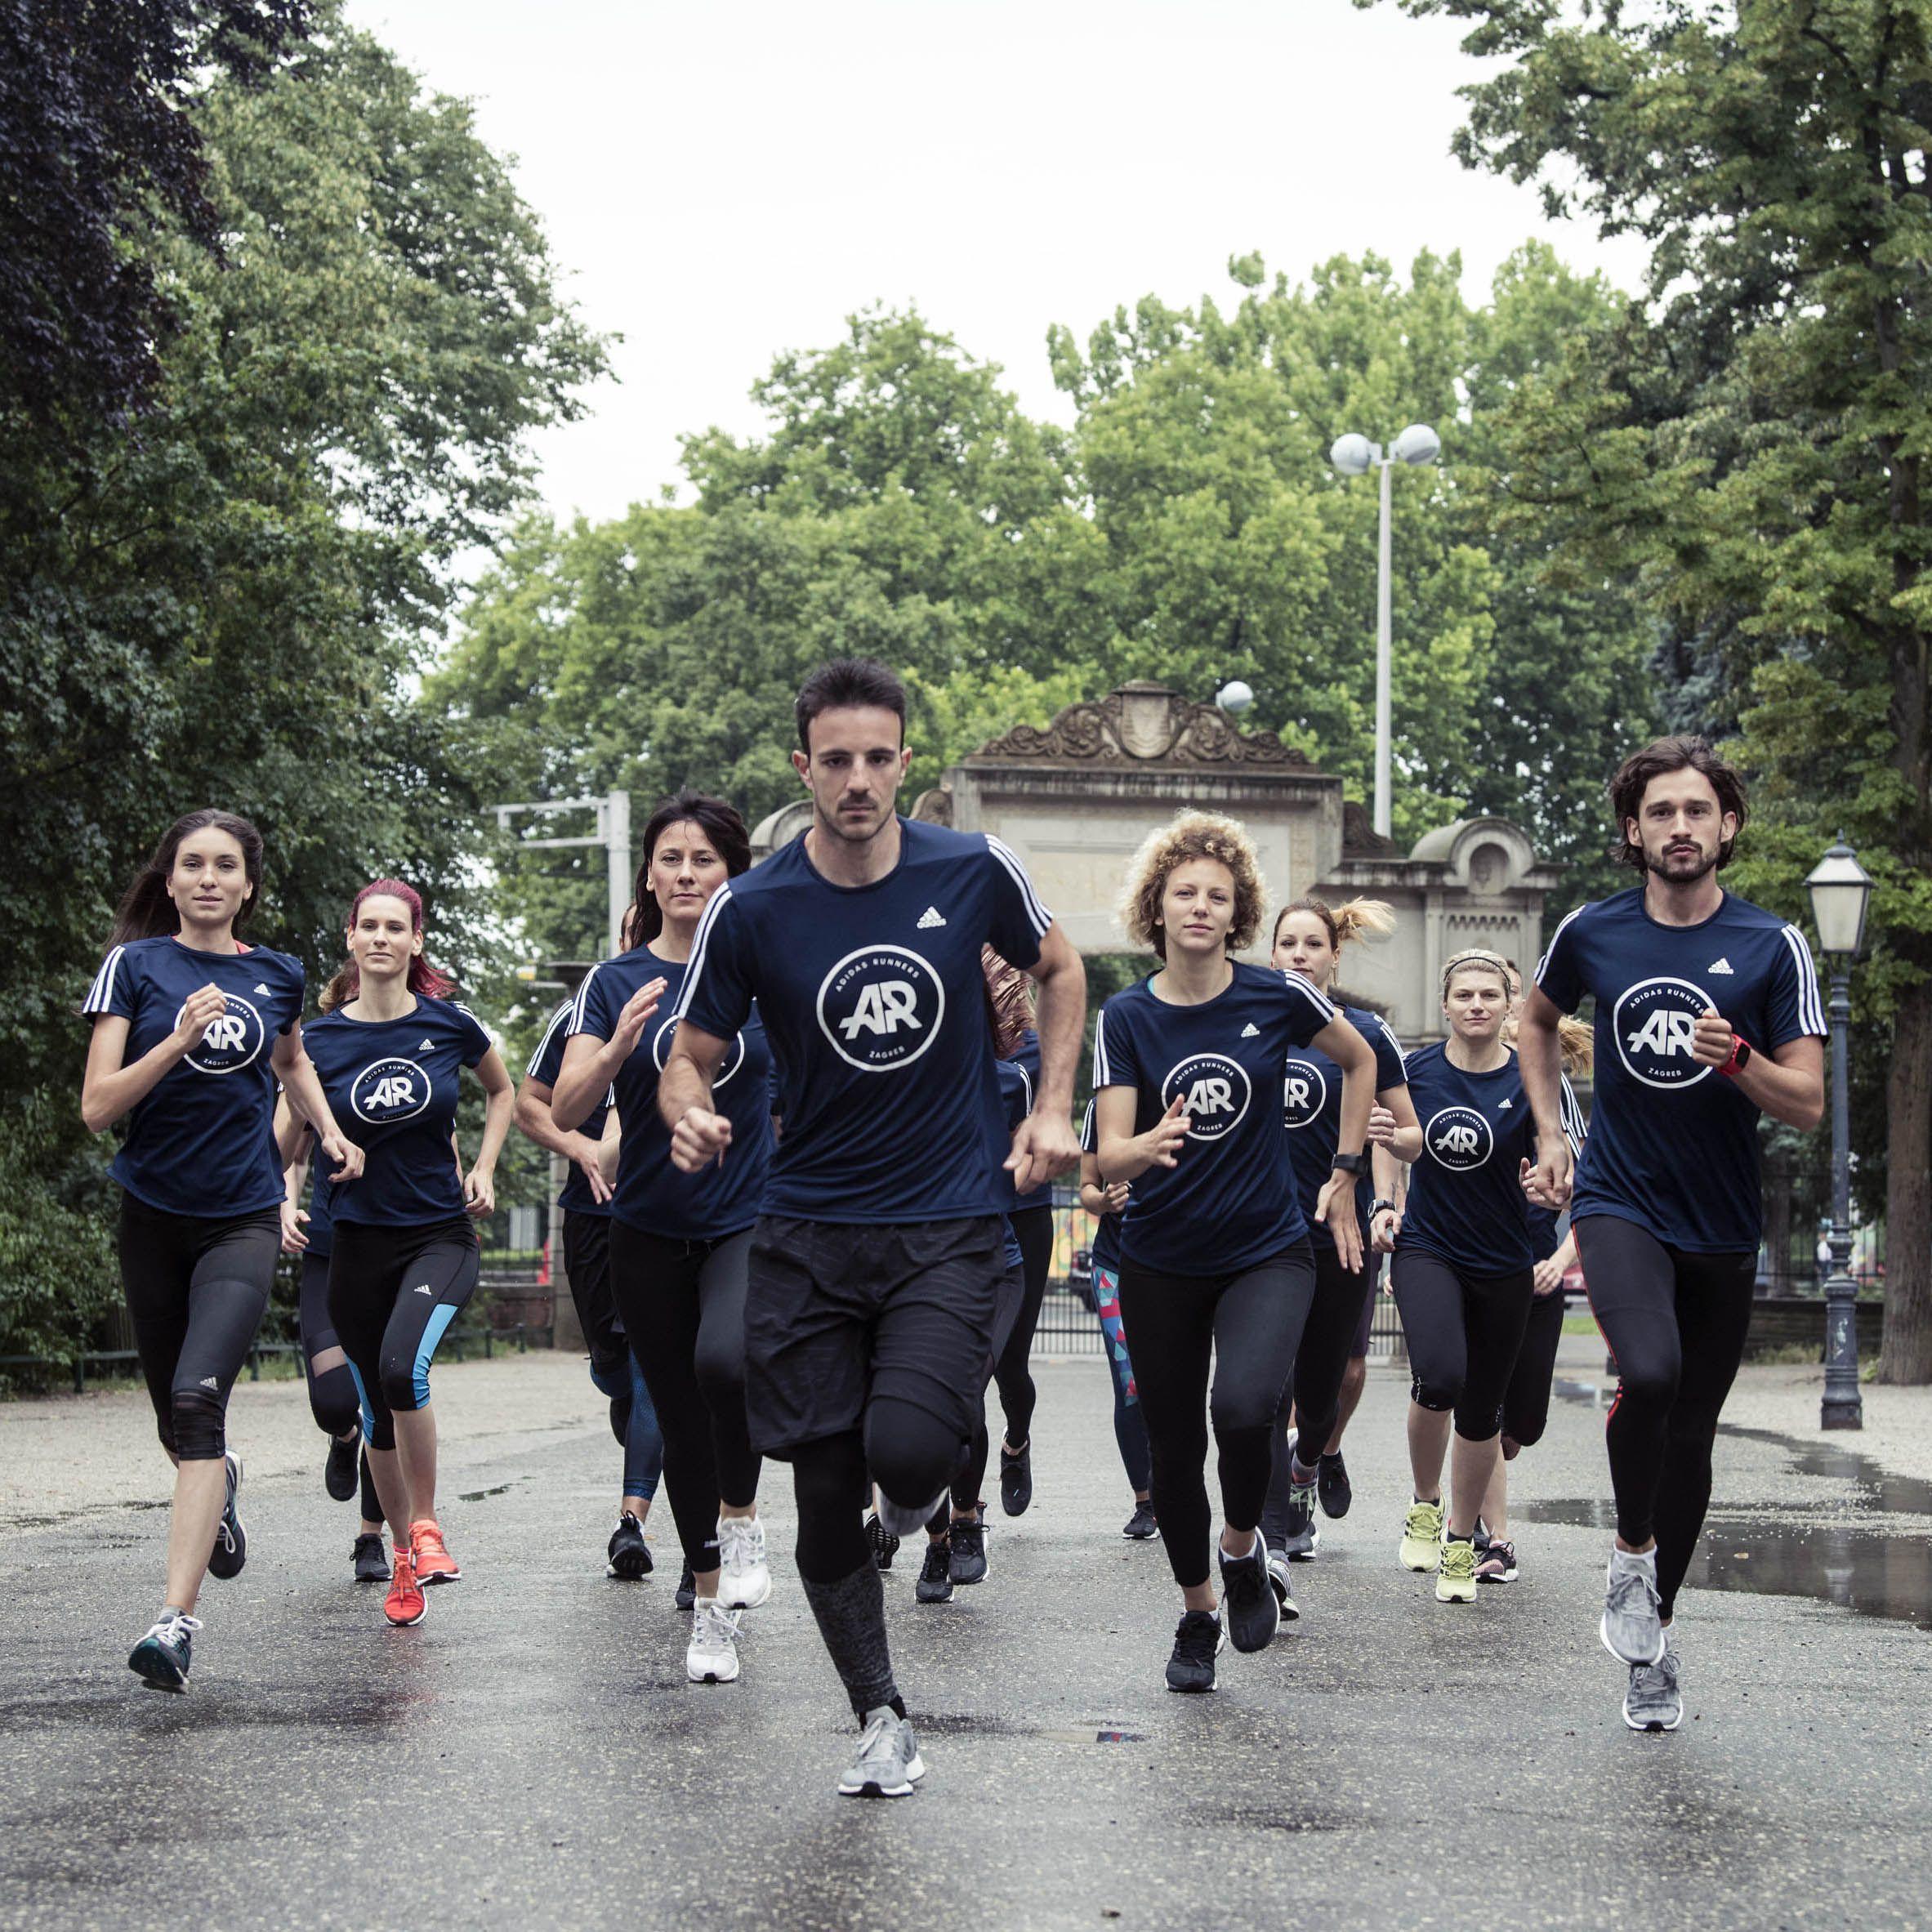 Jeste li se već pridružili Adidas Runners zajednici?